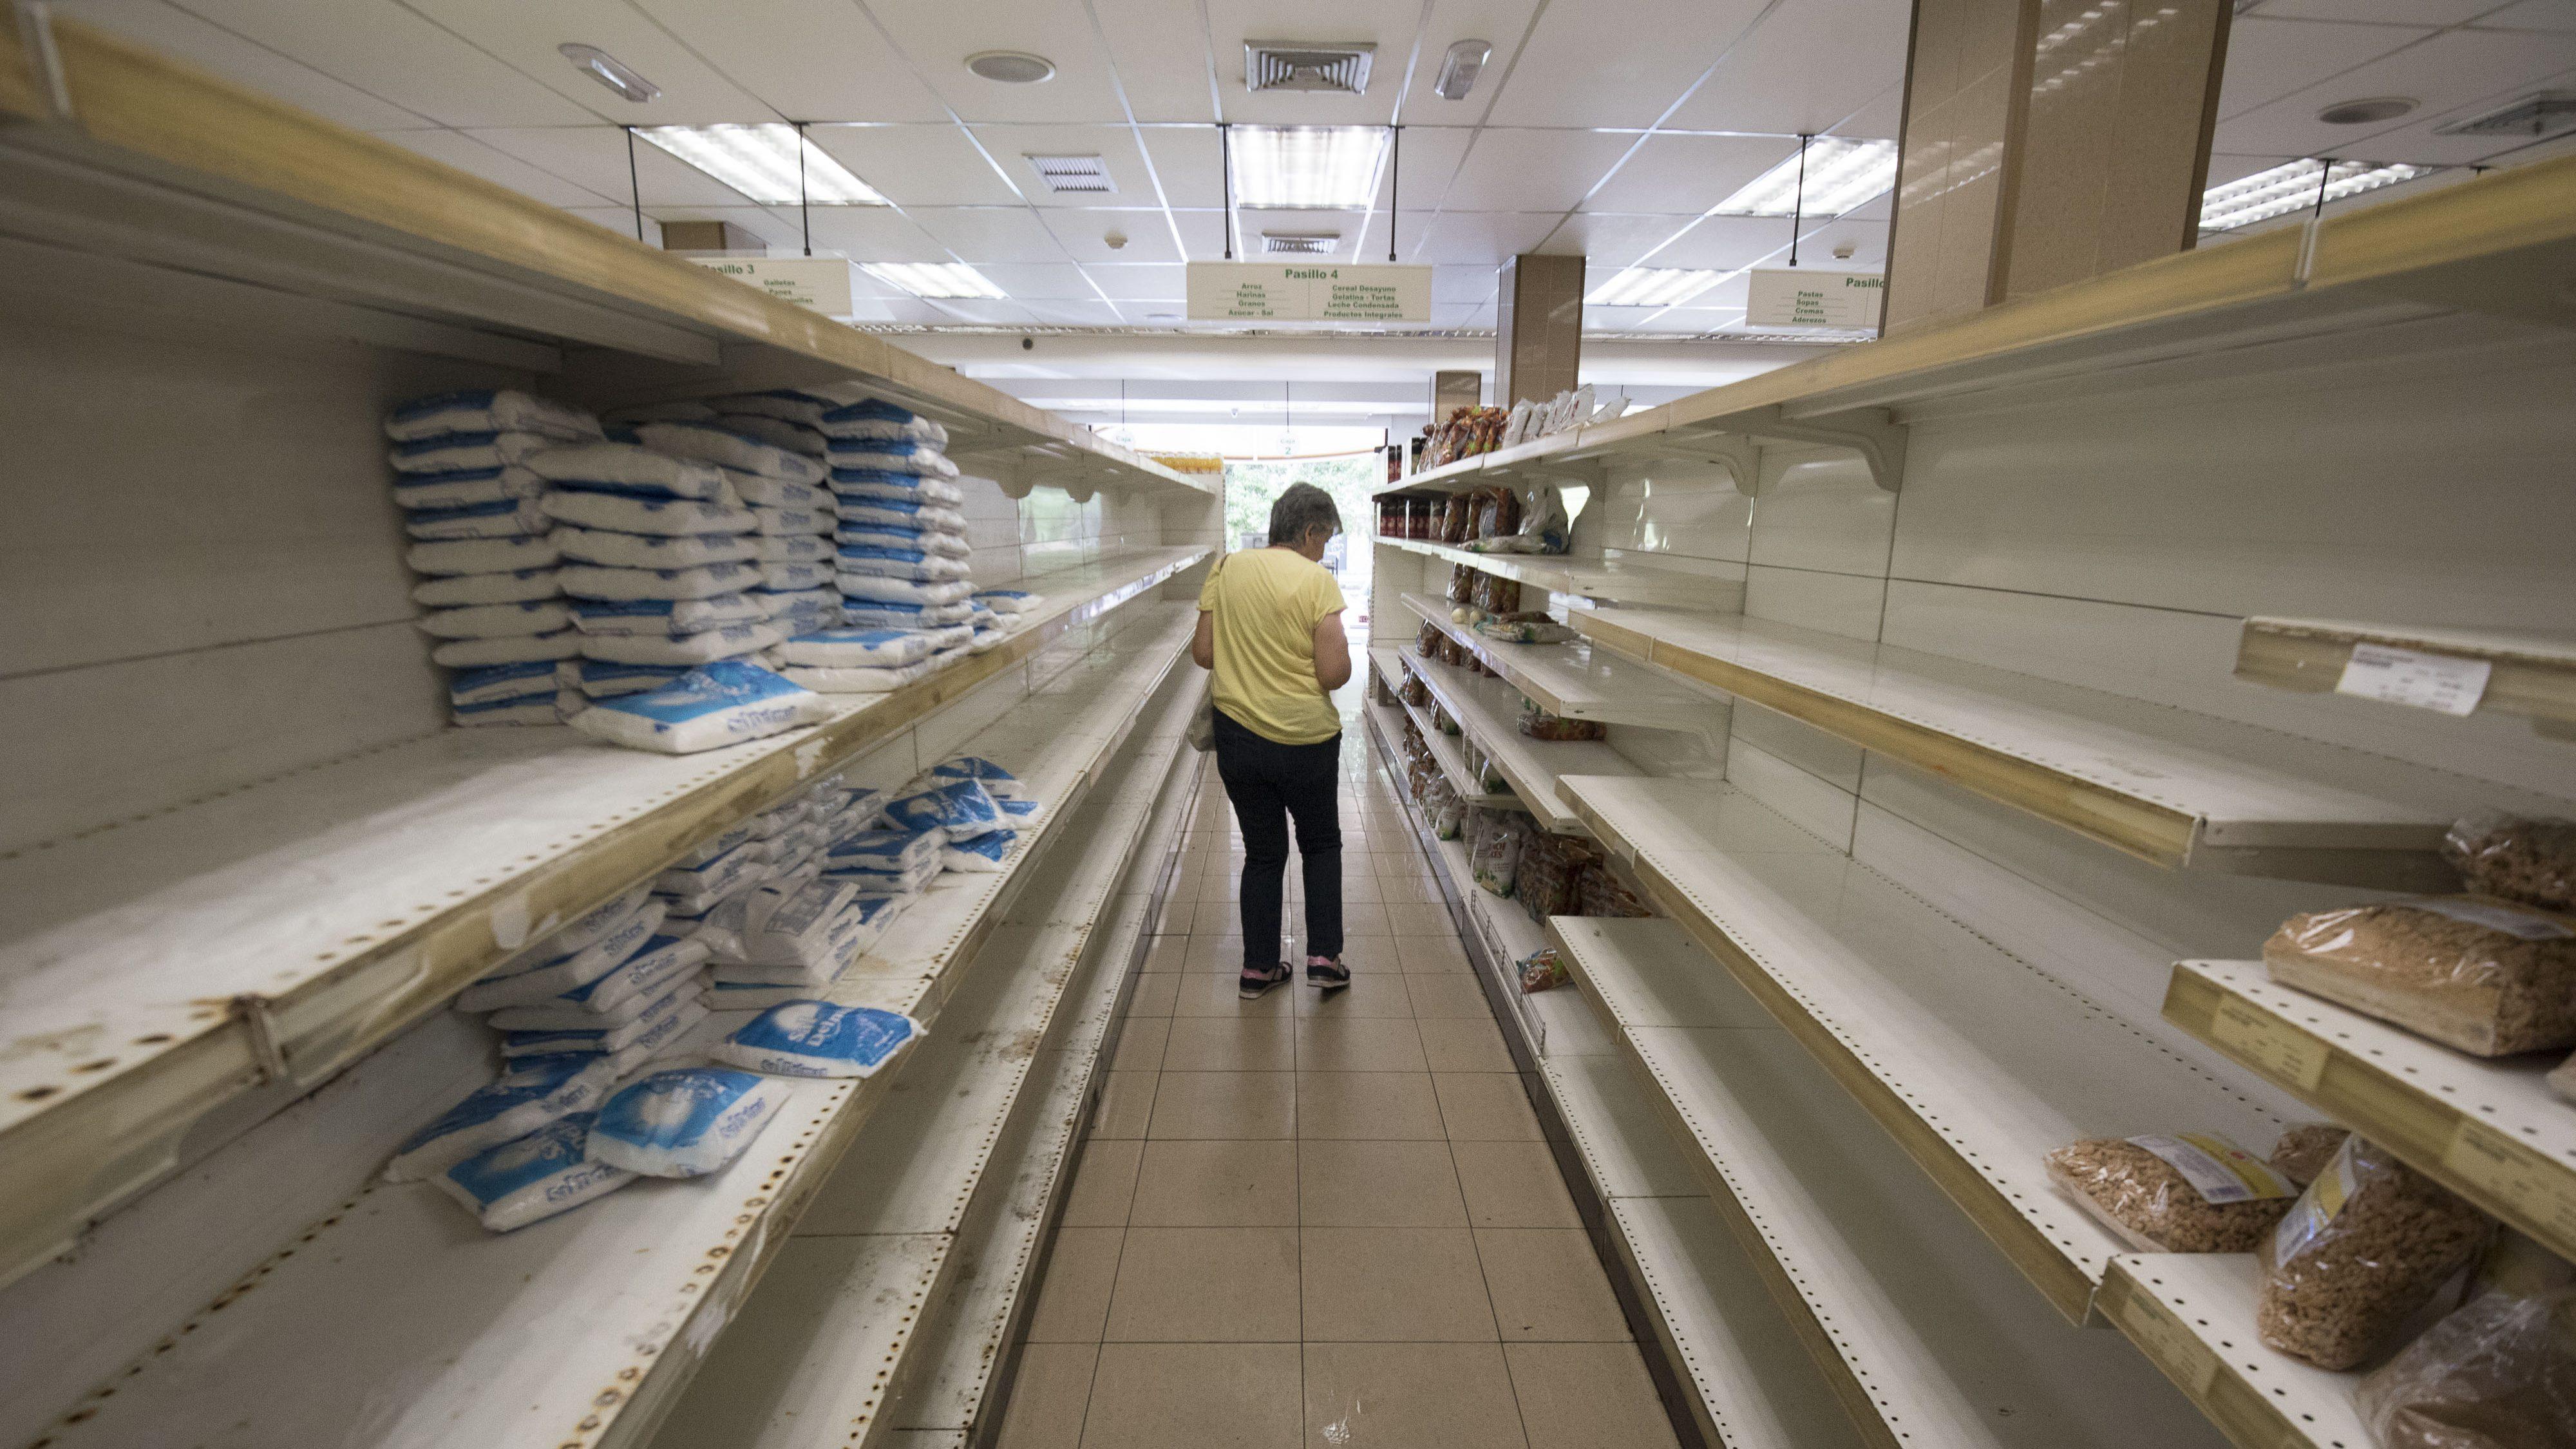 Venezuela: Crise coloca em causa sobrevivência de muitos portugueses